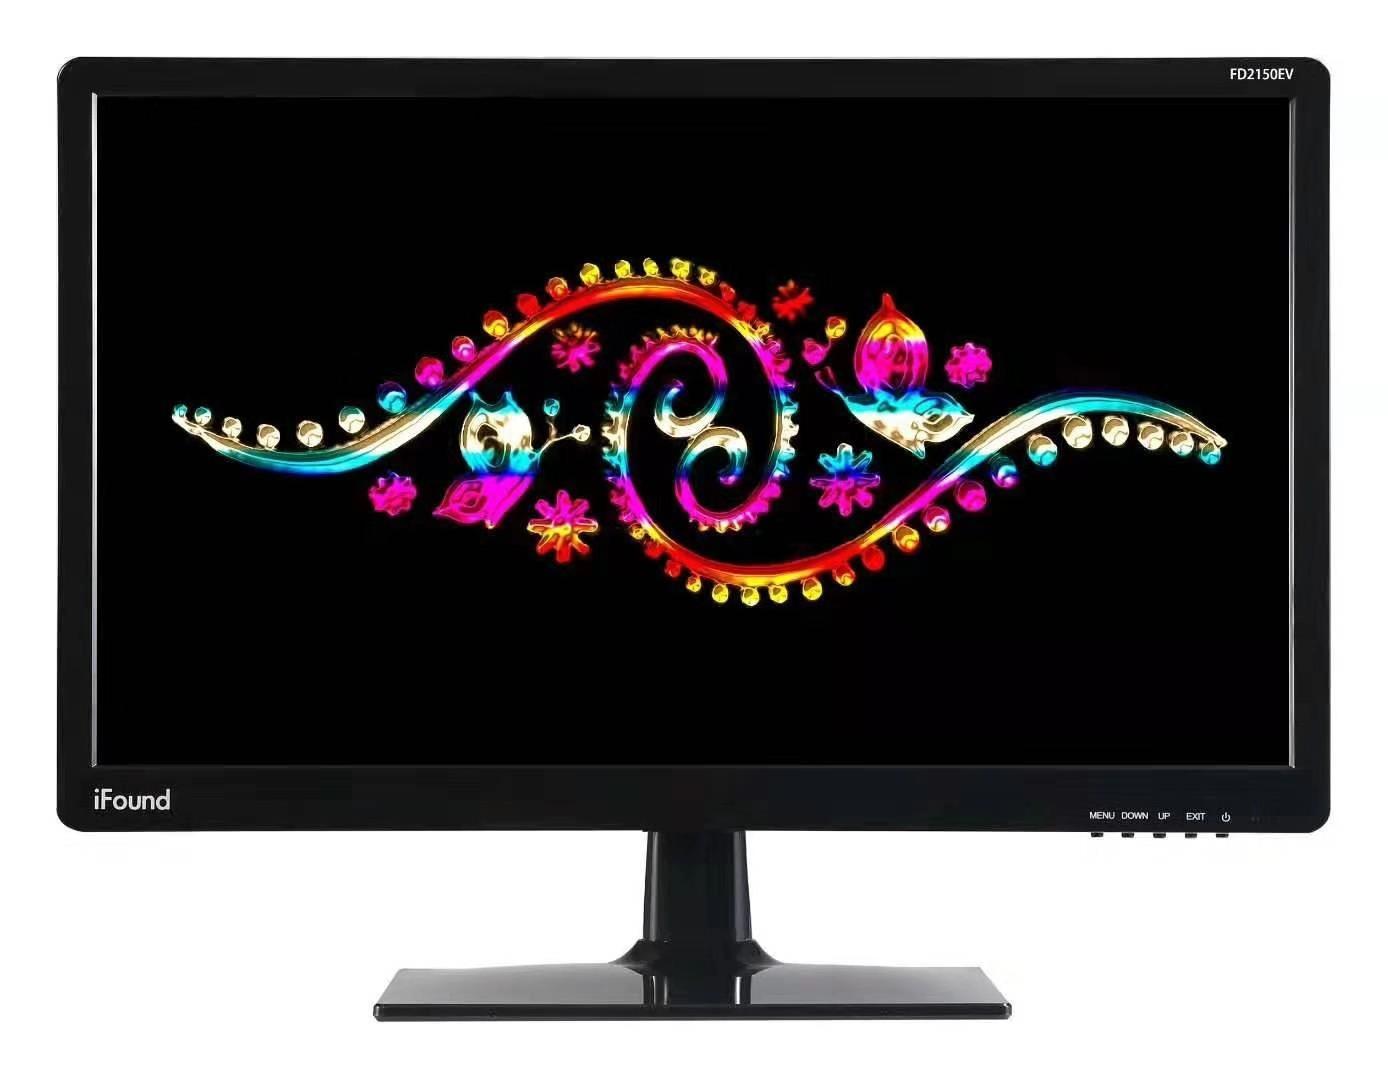 方正FD2150 20.7英寸高清液晶显示器办公监控台式电脑屏幕 可壁挂